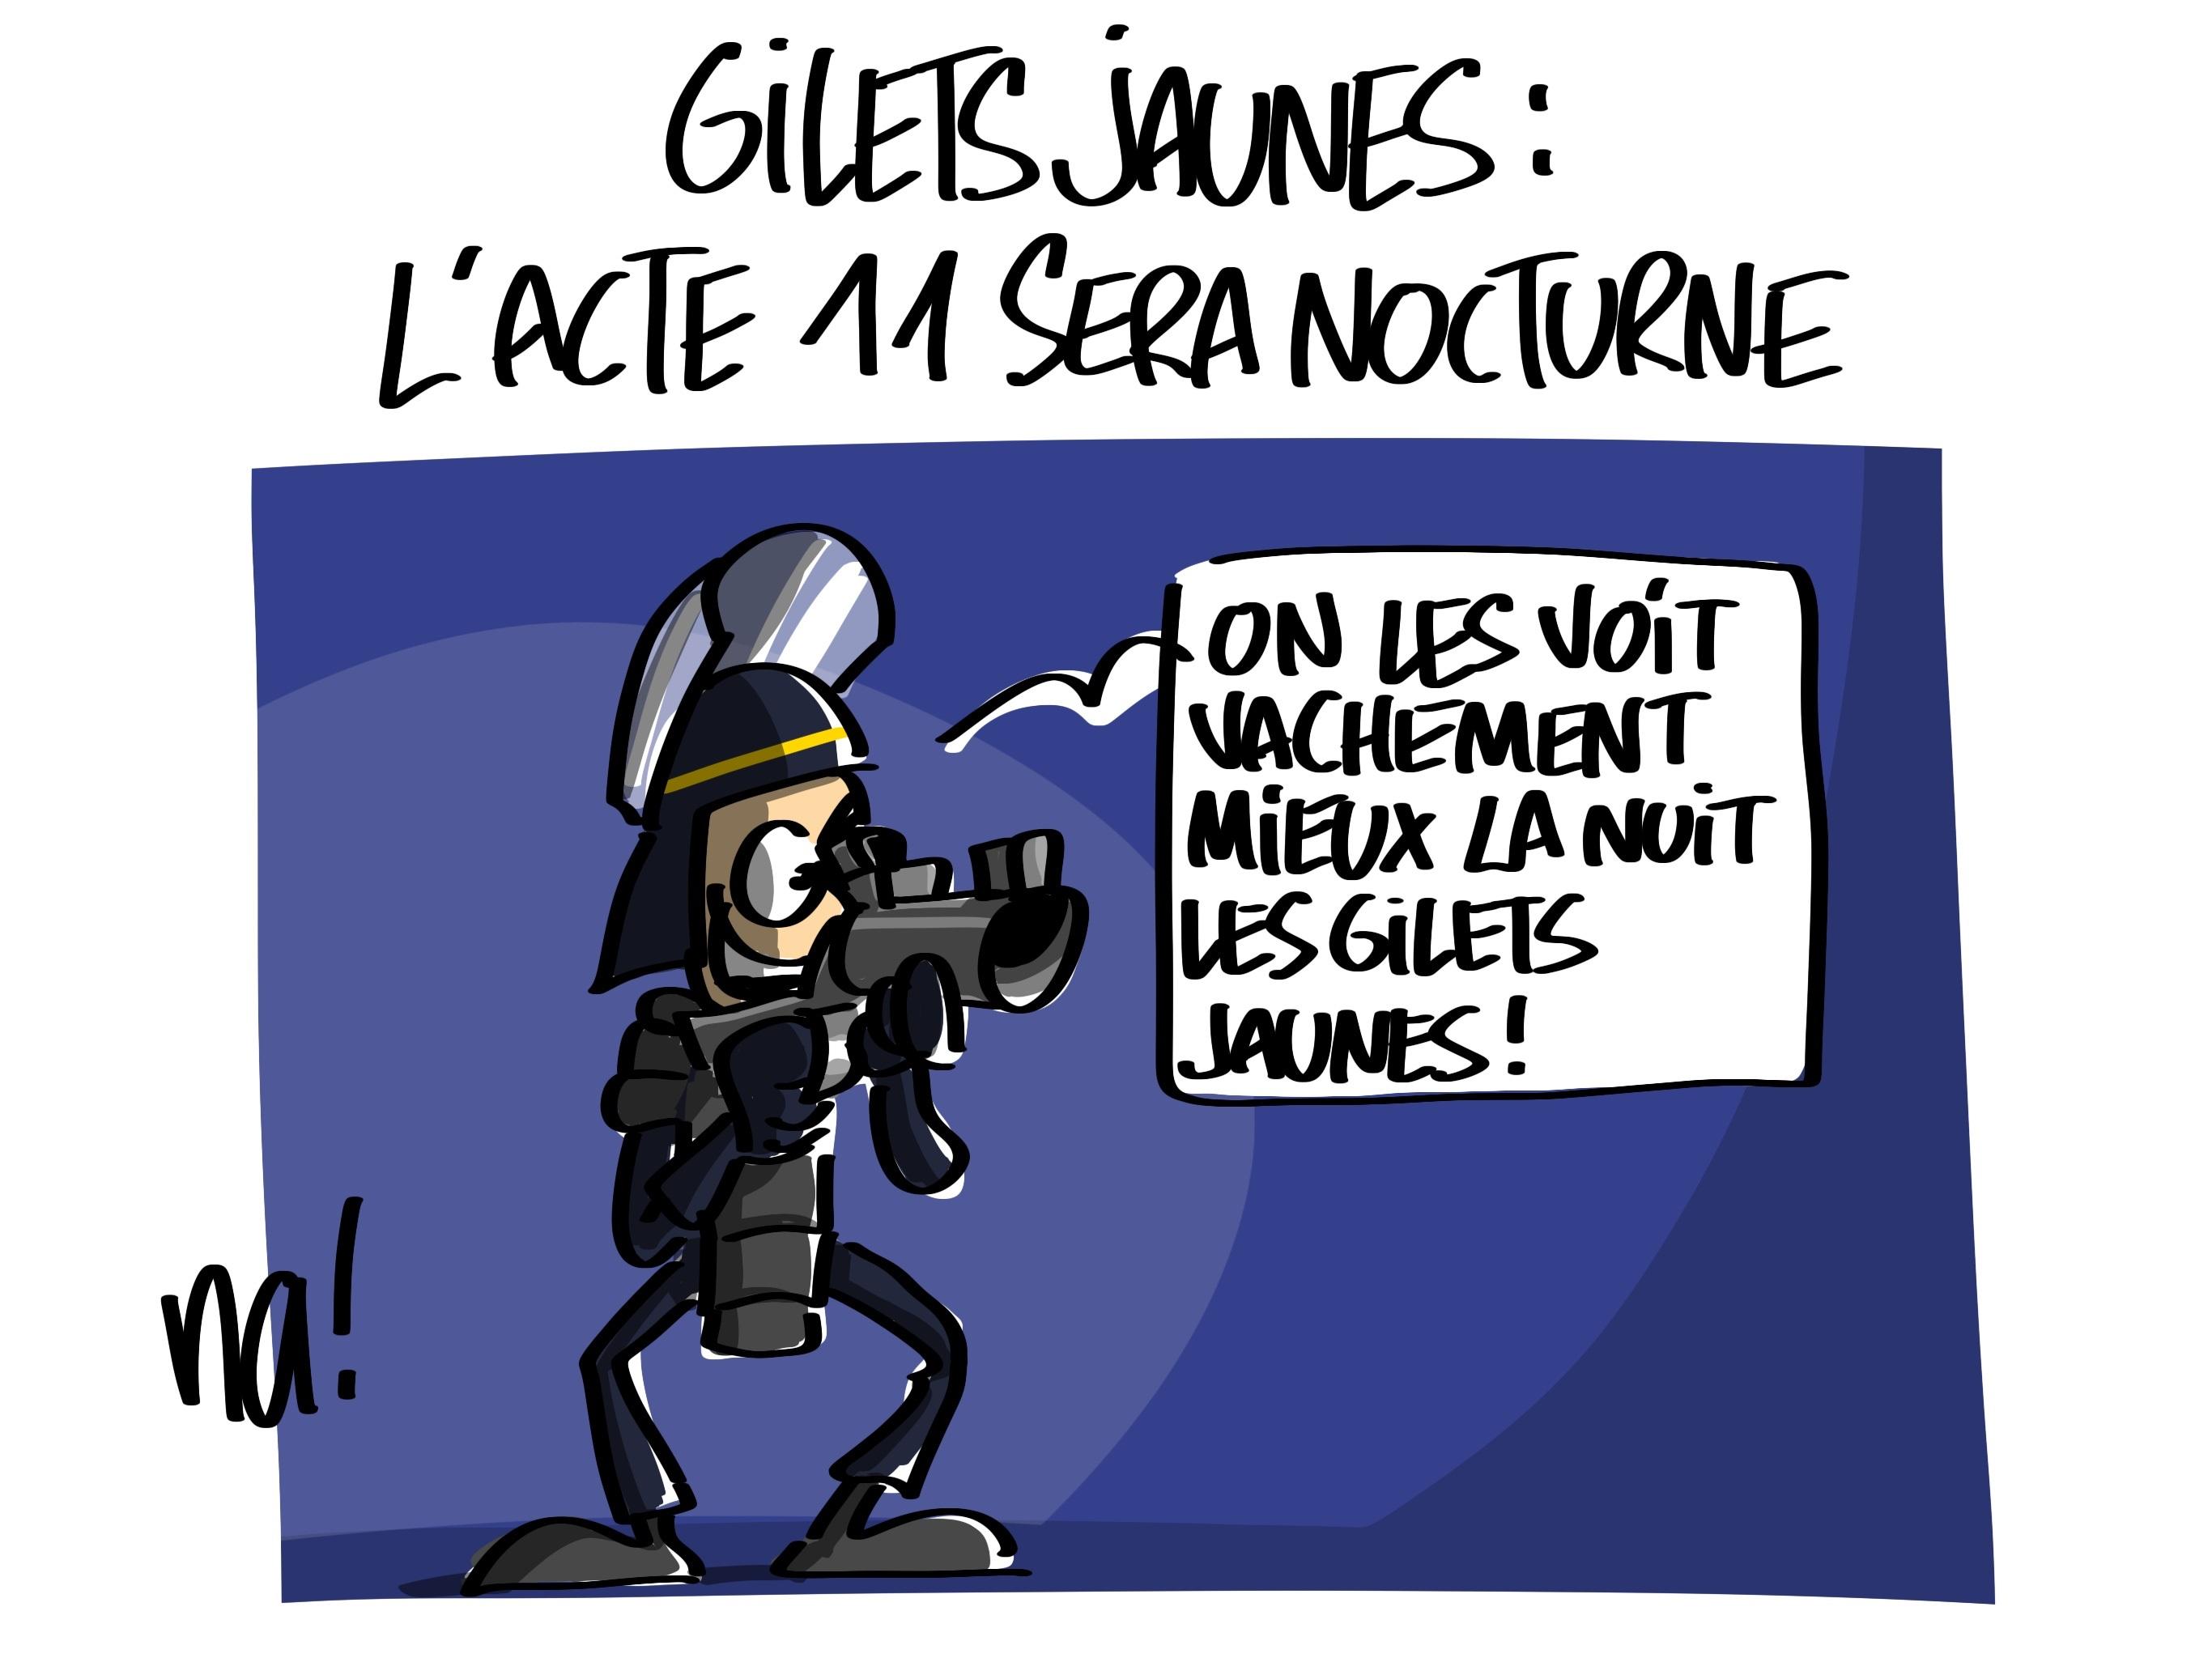 Le dessin du jour (humour en images) - Page 23 2427_gilets_jaunes_nocturne